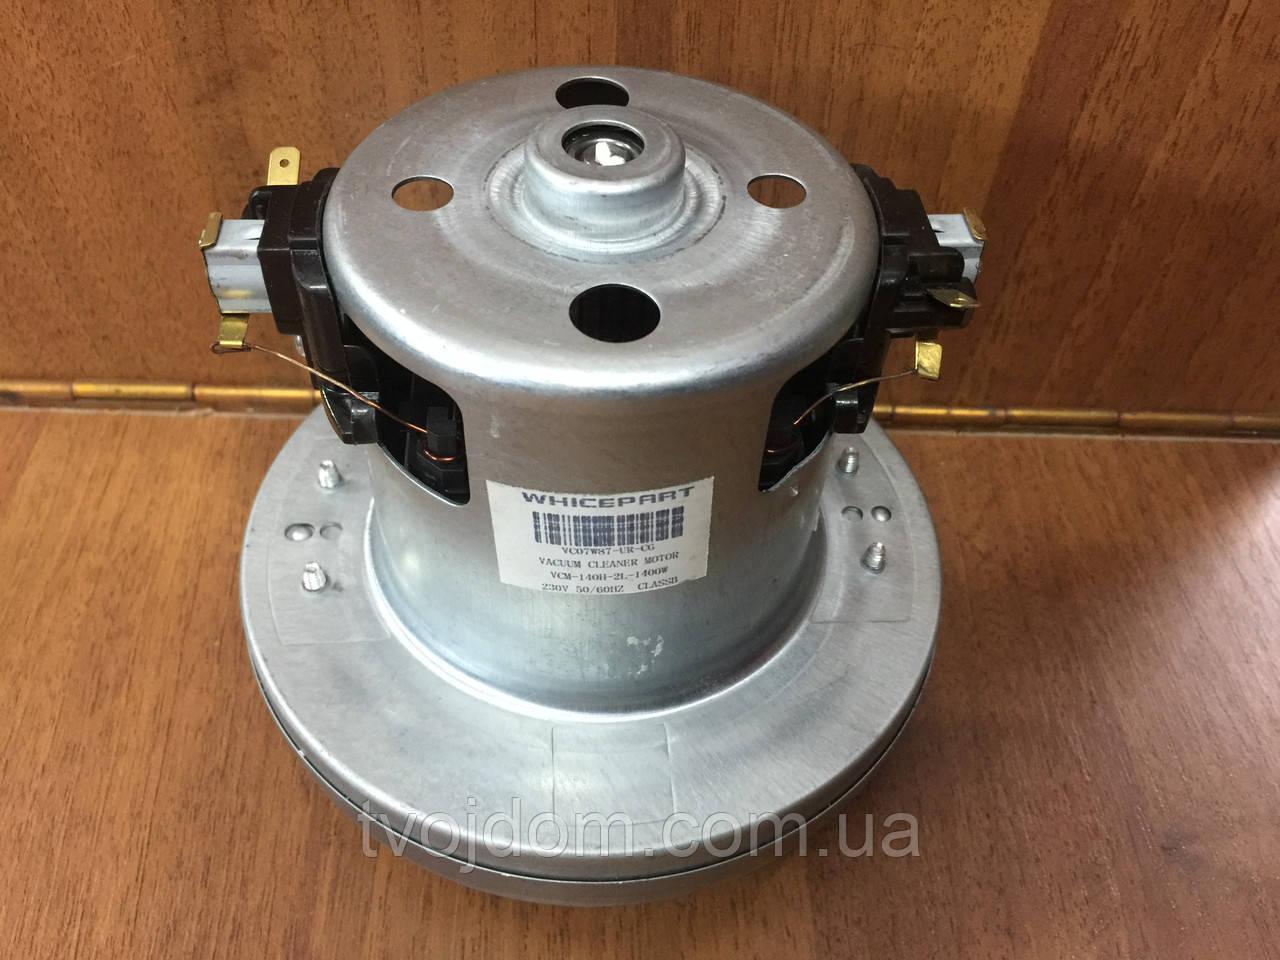 Двигатель для пылесоса VCM09-140H-2L-1400W(VC07W87-UR-OG)